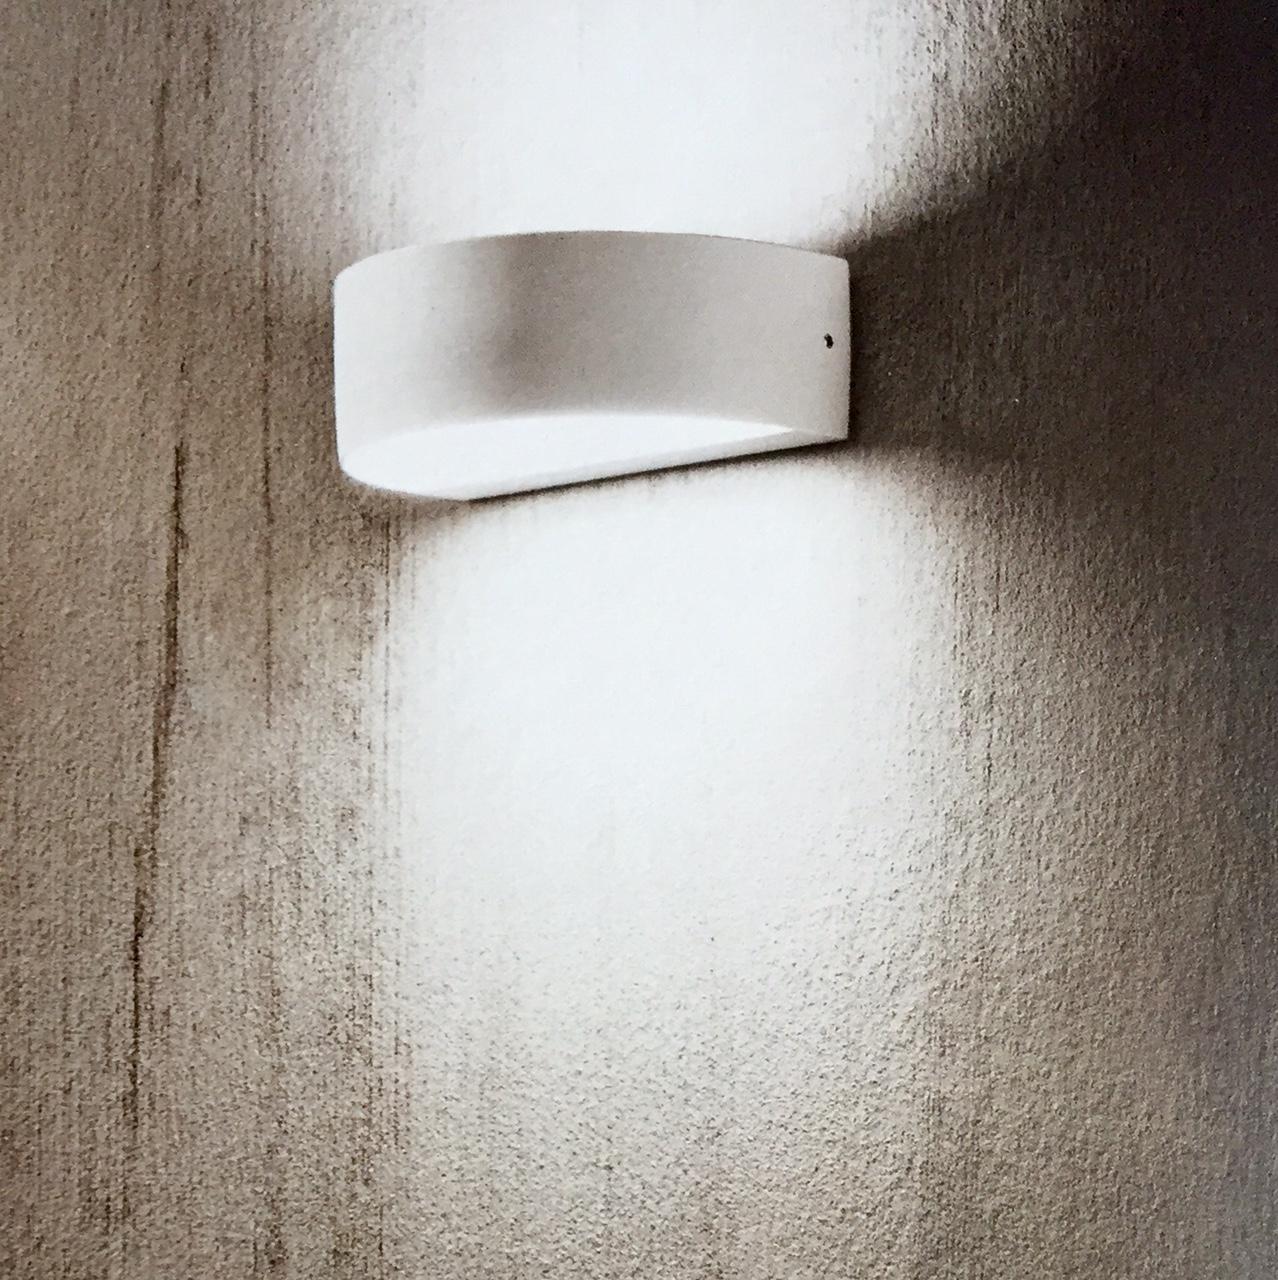 Lampada led a parete per esterno ed interno ip54 ati led for Lampada led interno